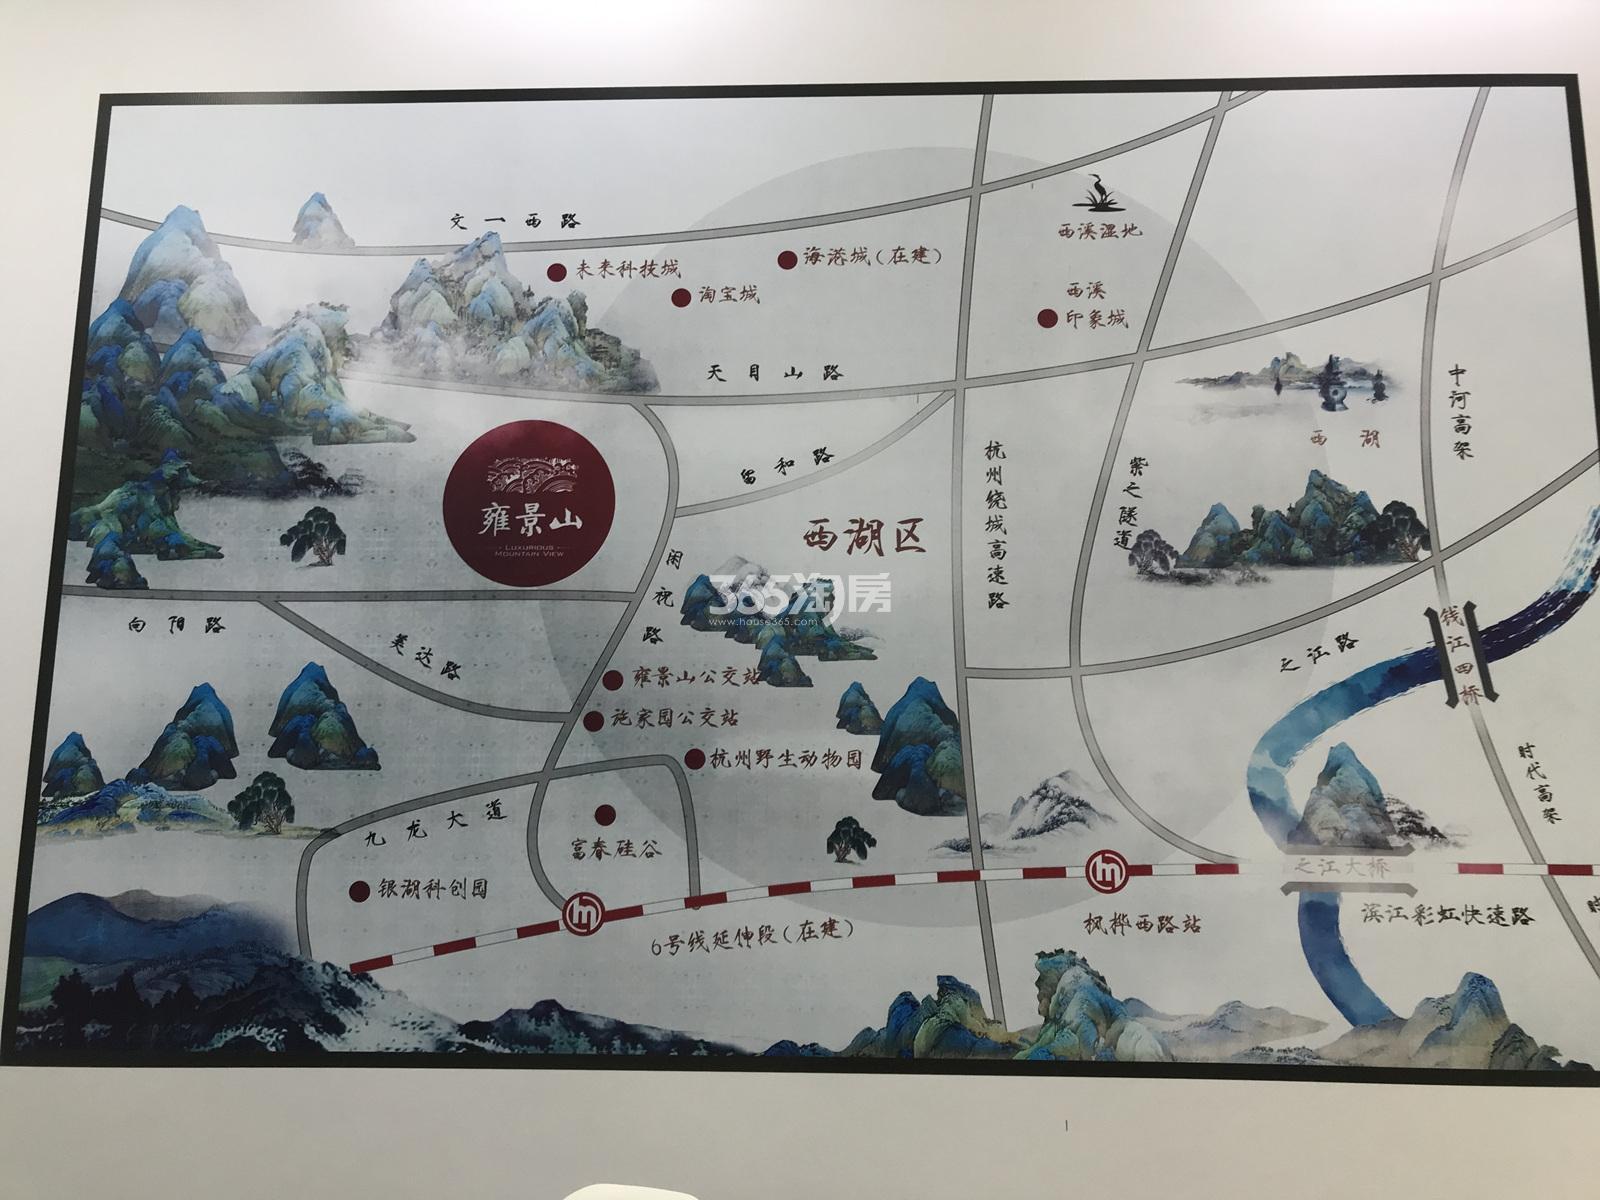 九龙仓雍景山交通图